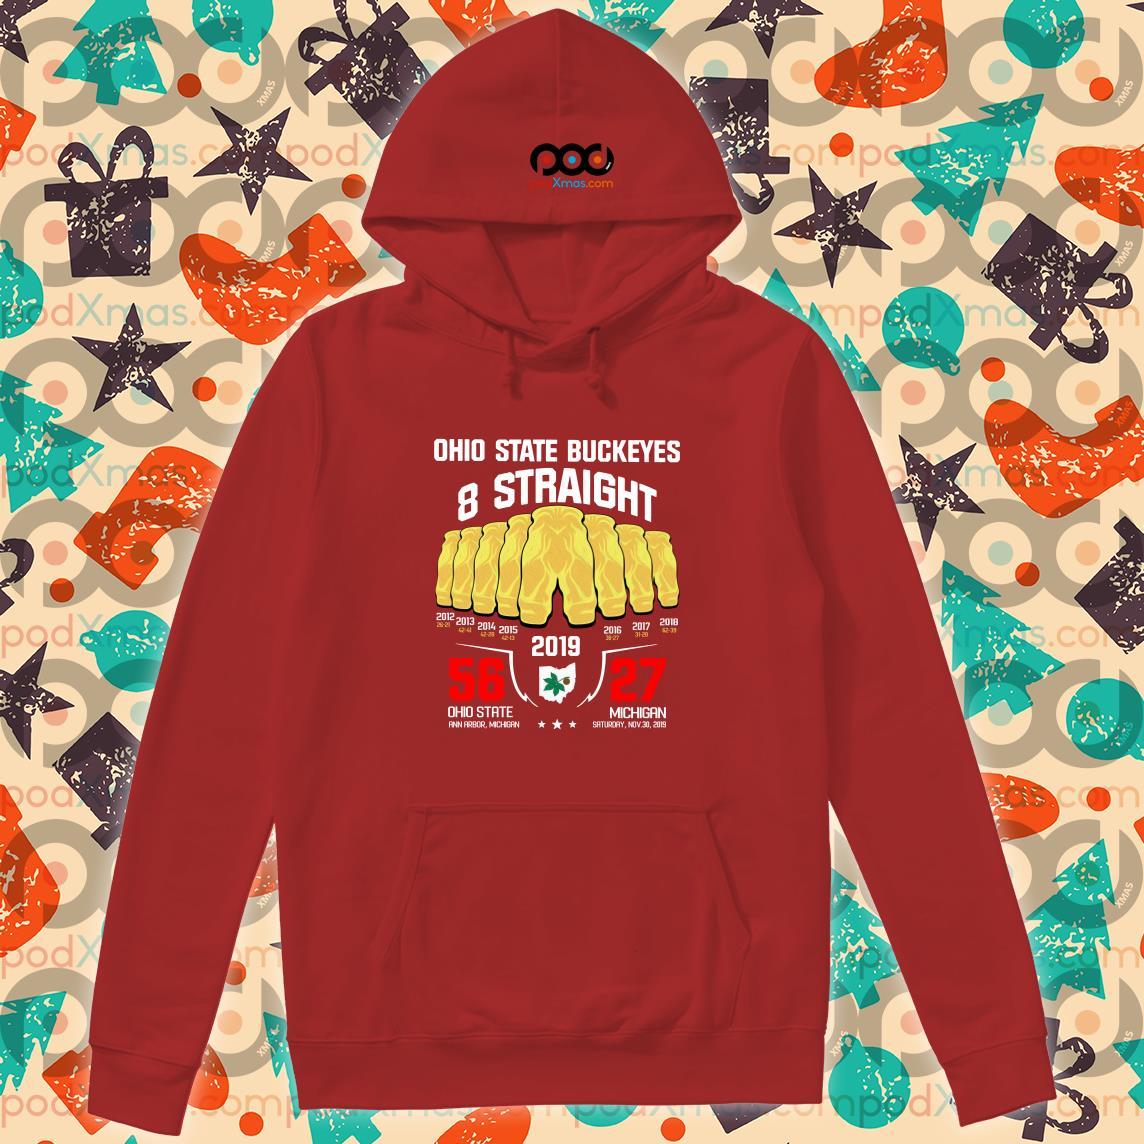 Ohio State Buckeyes 8 straight 2019 hoodie